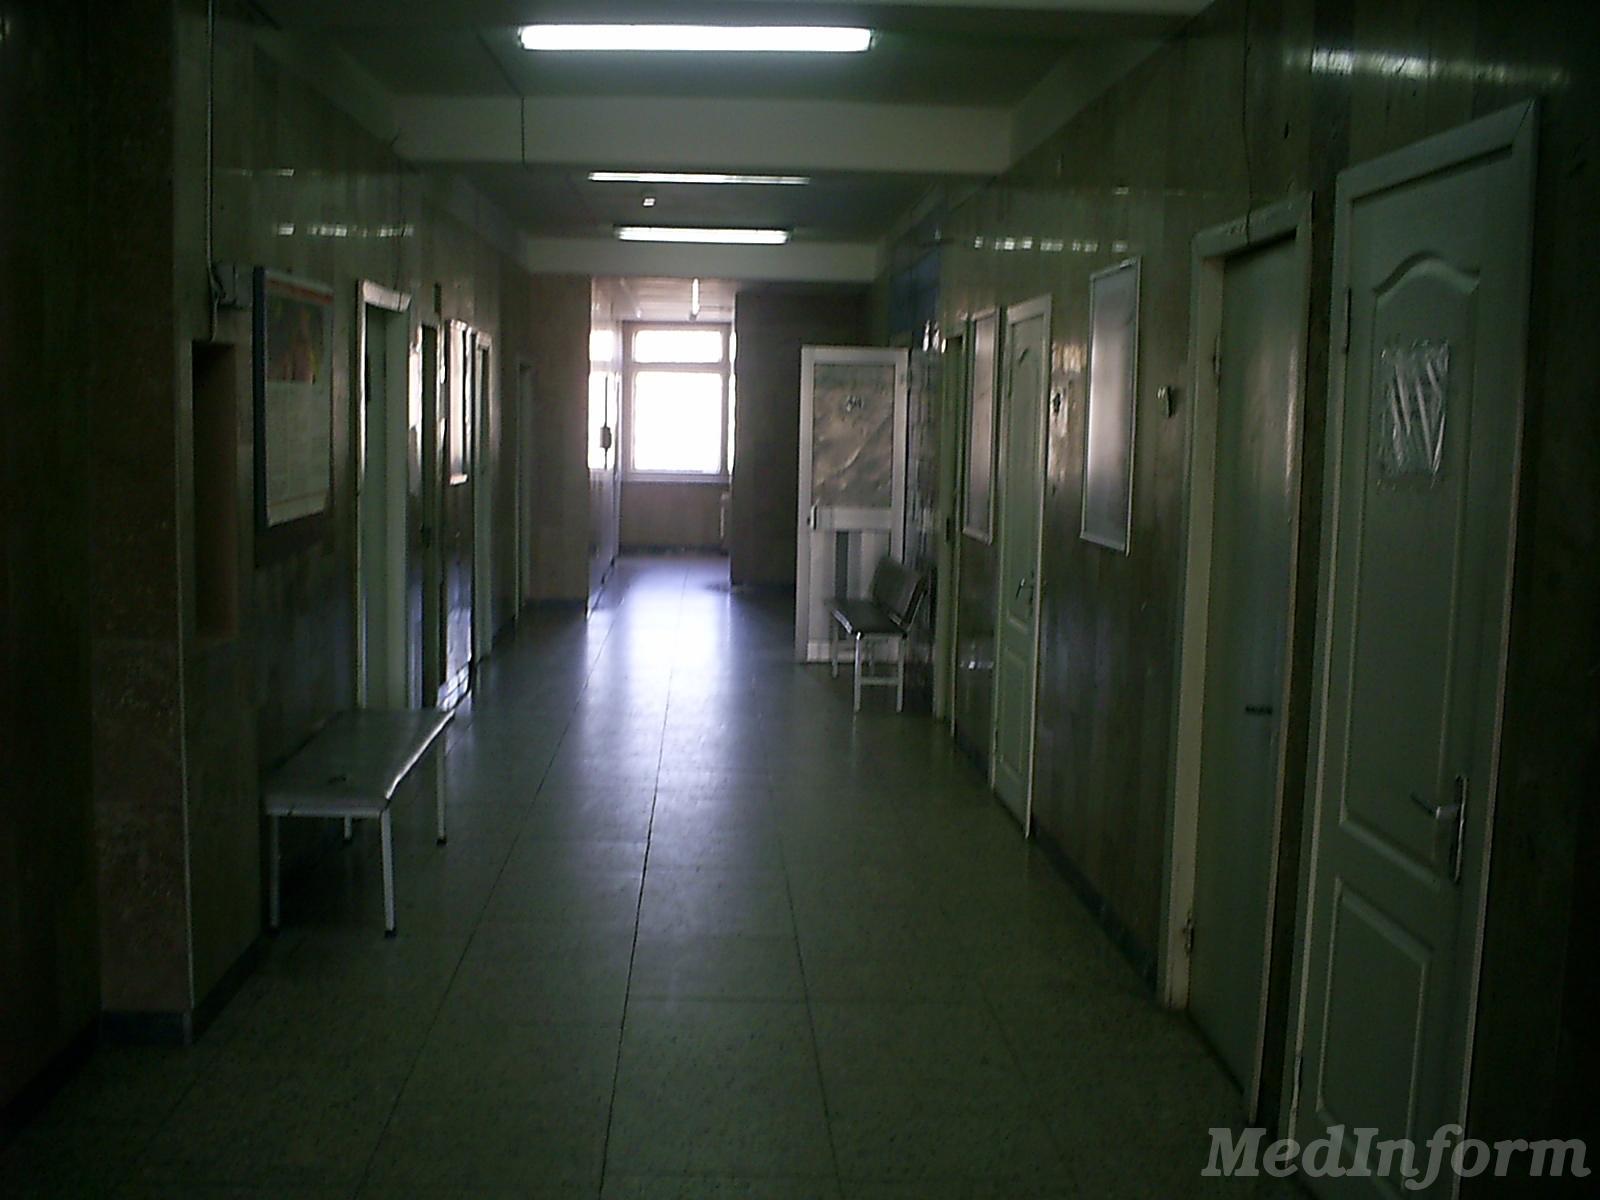 Детская поликлиника московская область